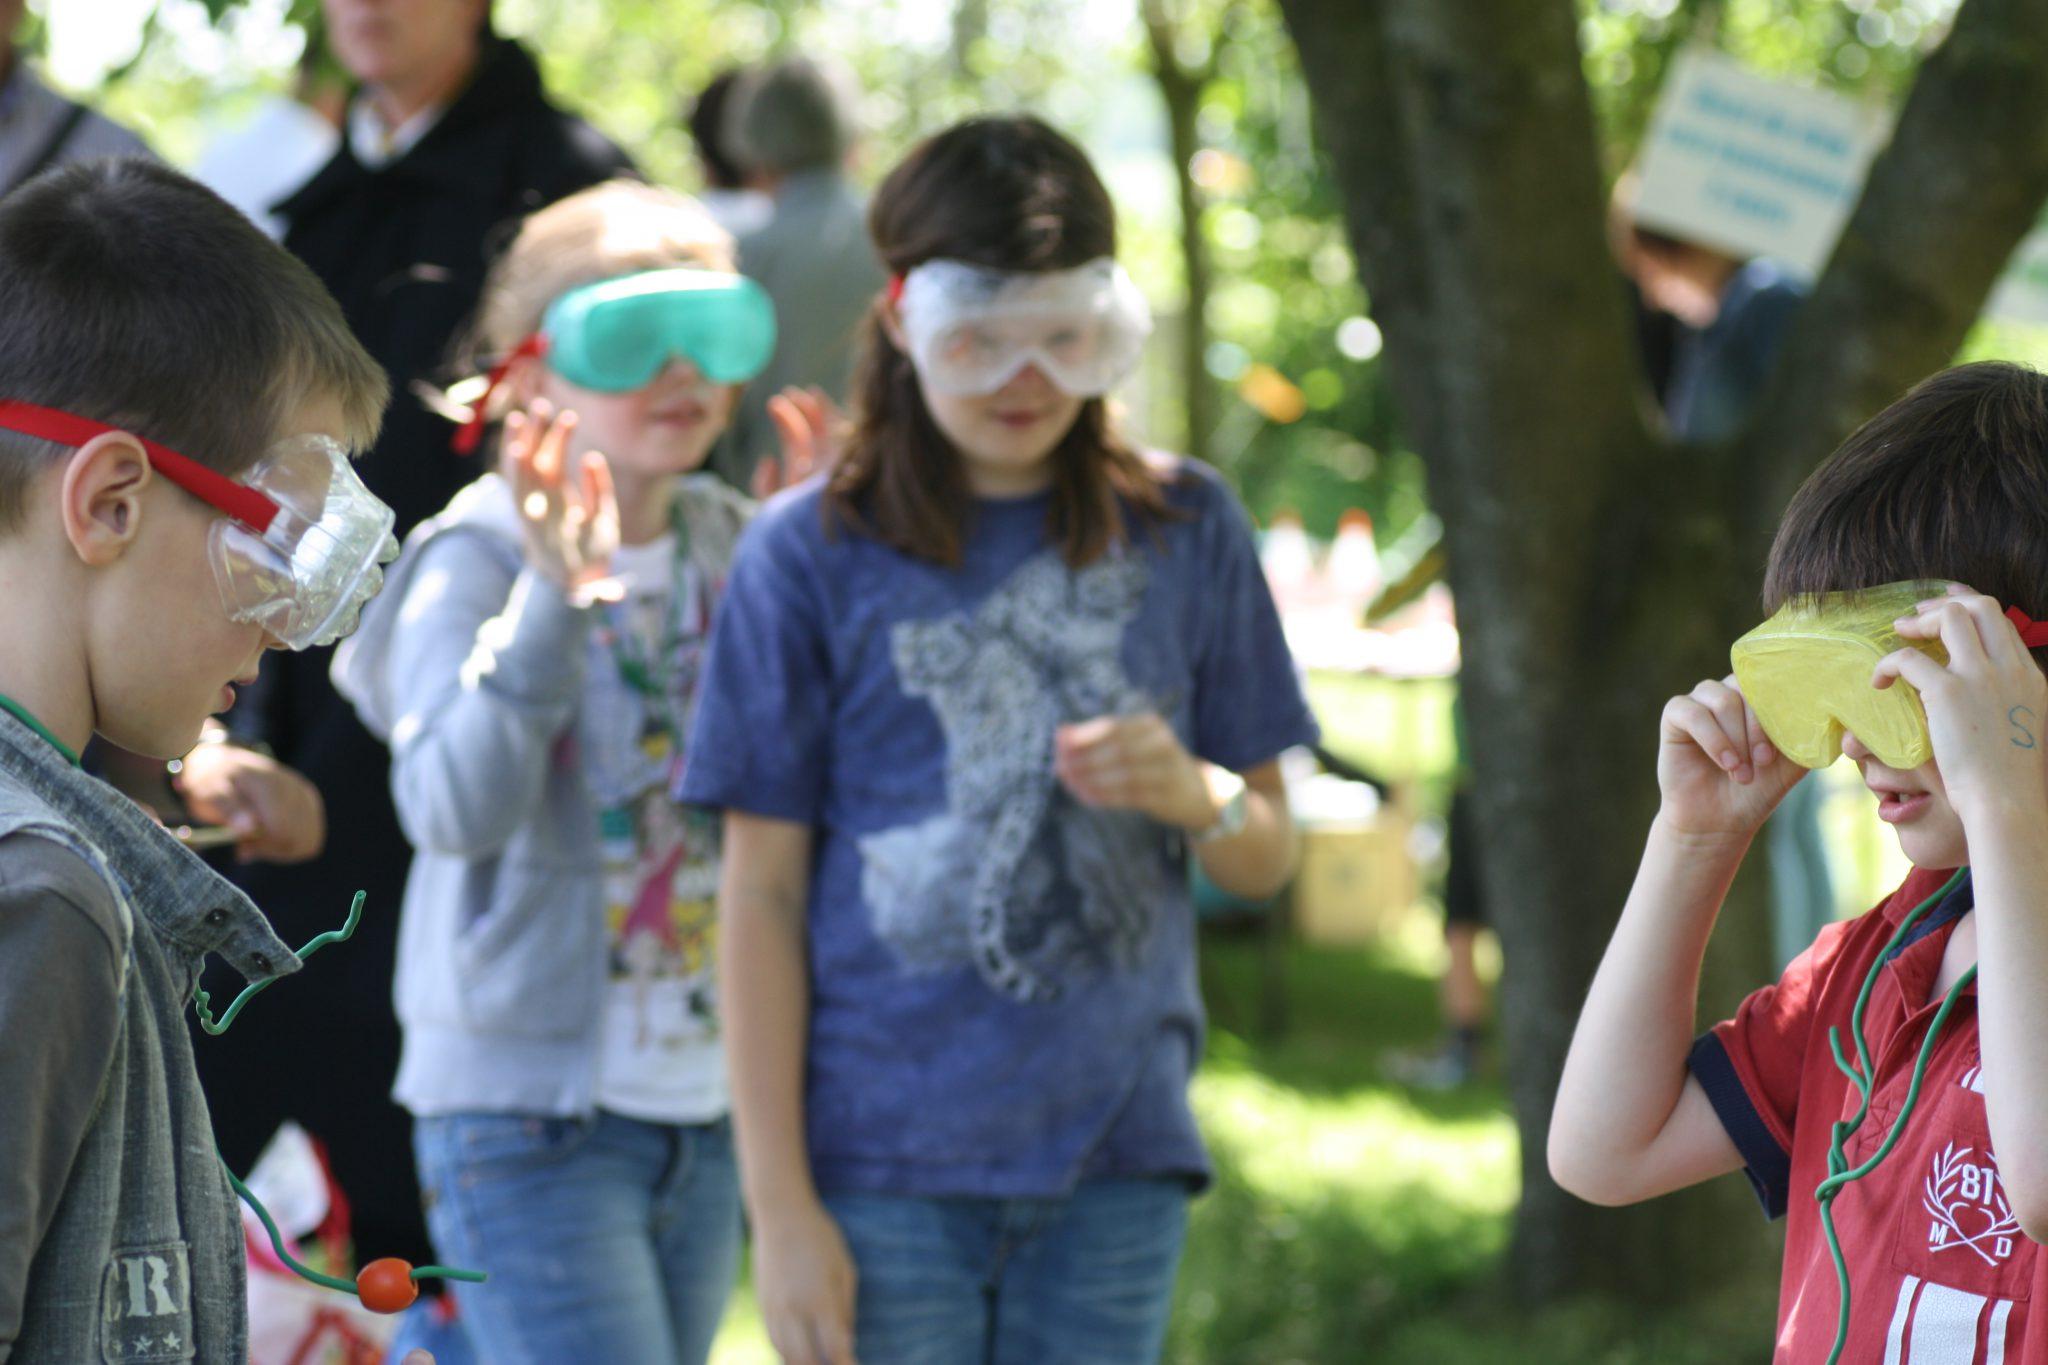 Kinderen spelen een spel met afgeplakte brillen op